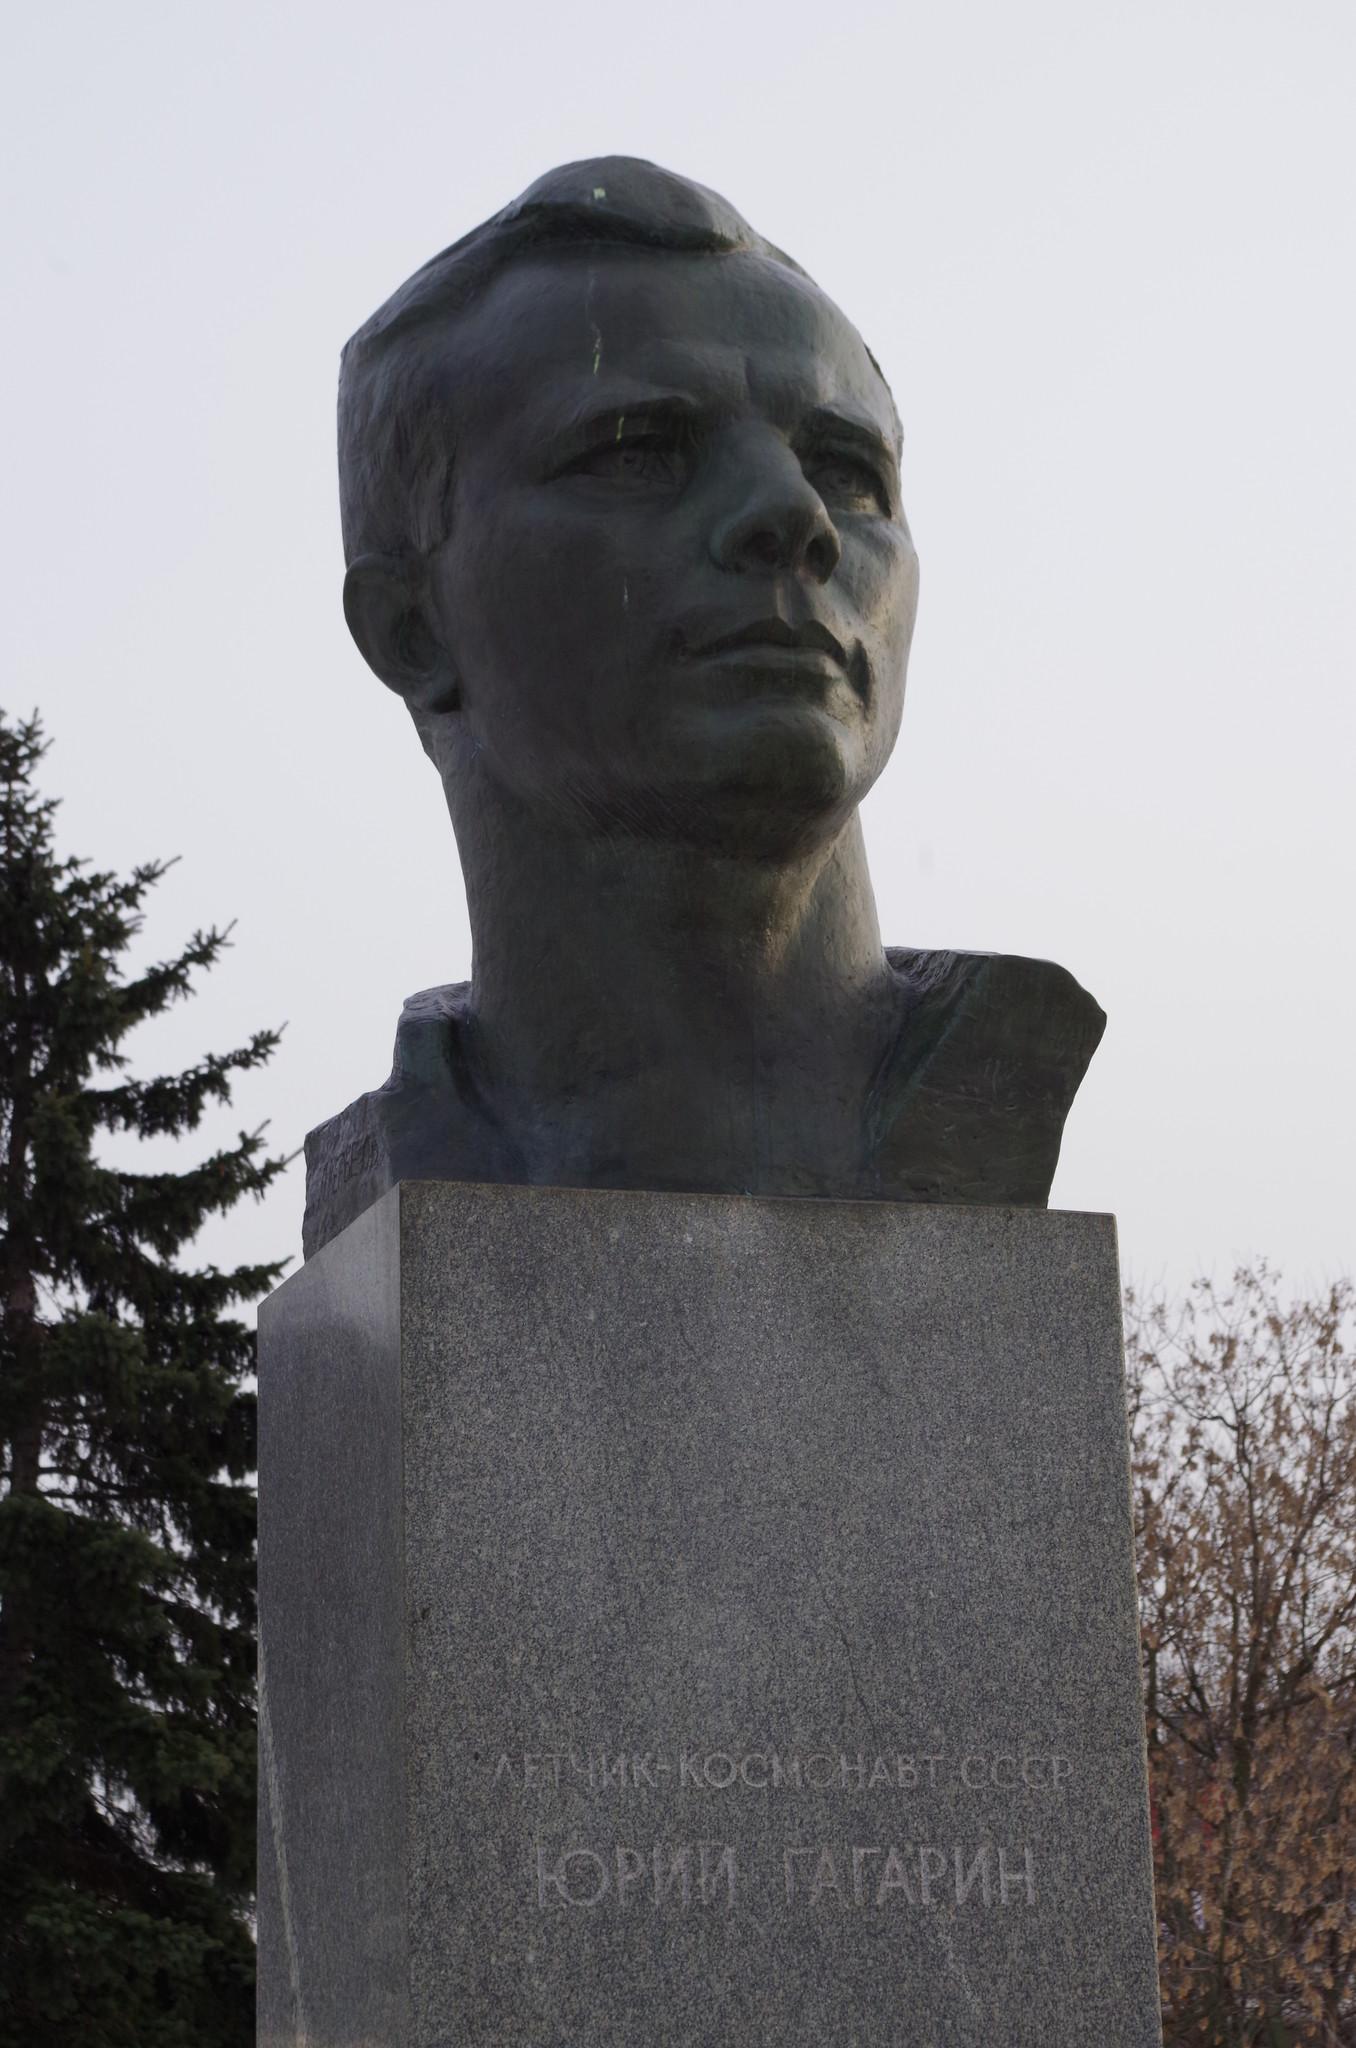 Бронзовый бюст лётчика-космонавта СССР Юрия Алексеевича Гагарина в Москве